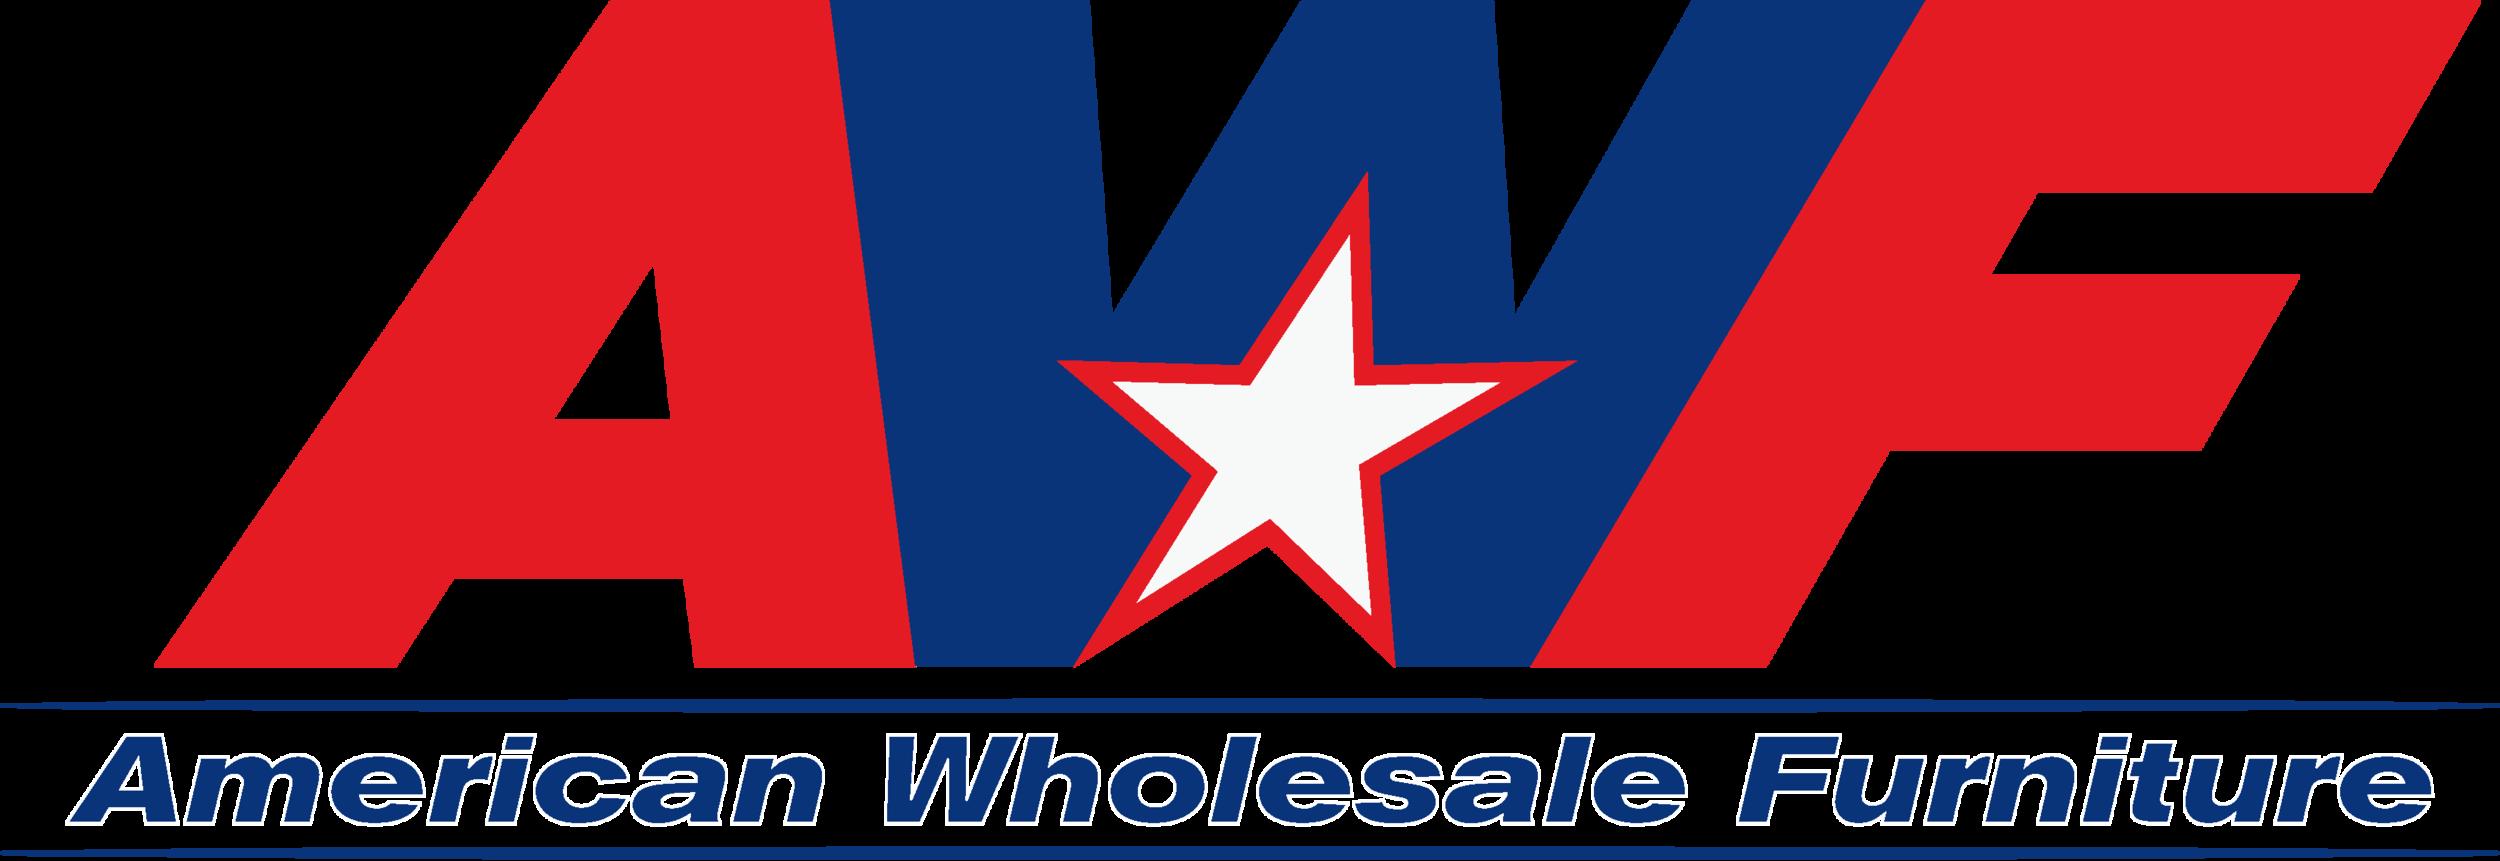 AmericanWholesaleFurniture_Logo.png